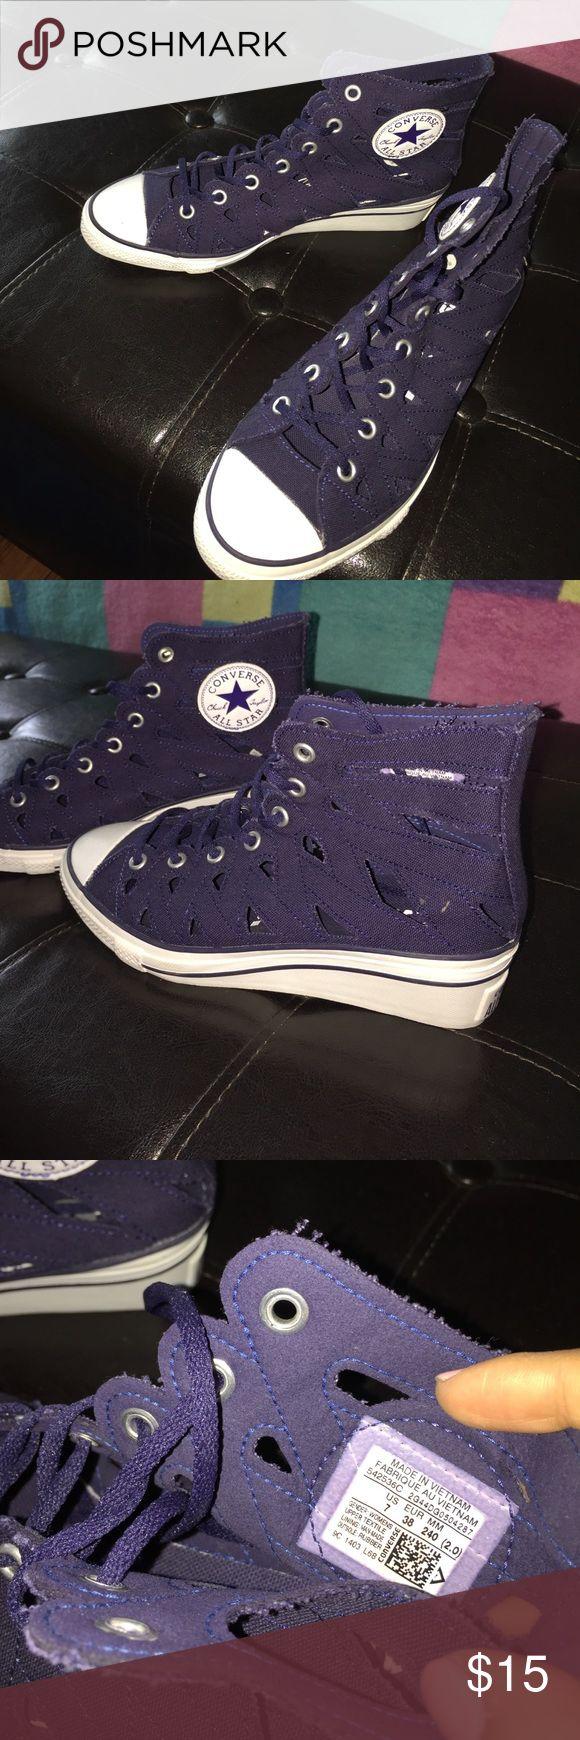 Converse wedge sneakers NWOB Never worn wedge converse sneakers, cutouts on them! Converse Shoes Sneakers